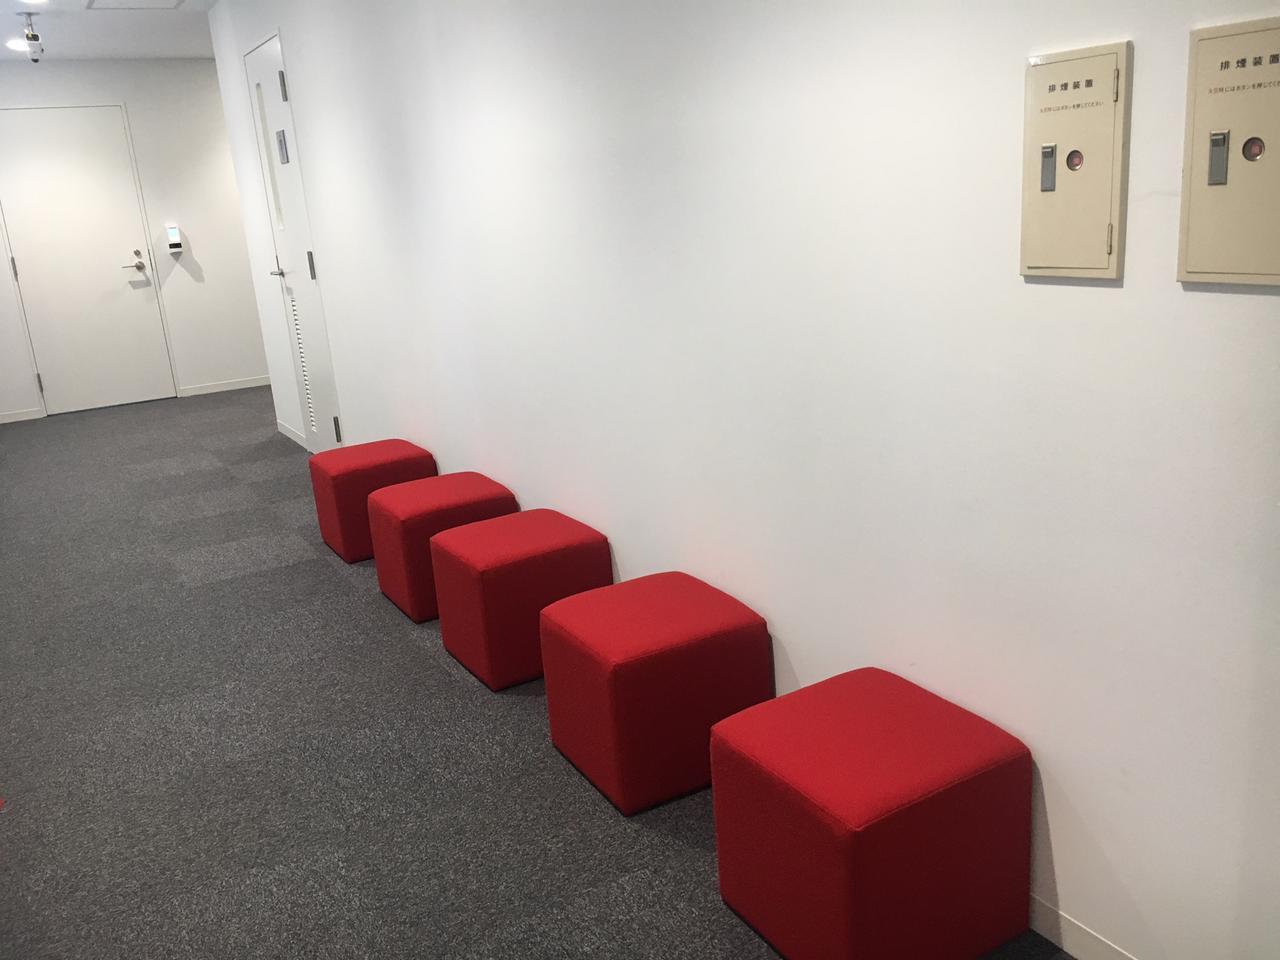 画像1: 待合・休憩席は鮮やかな赤